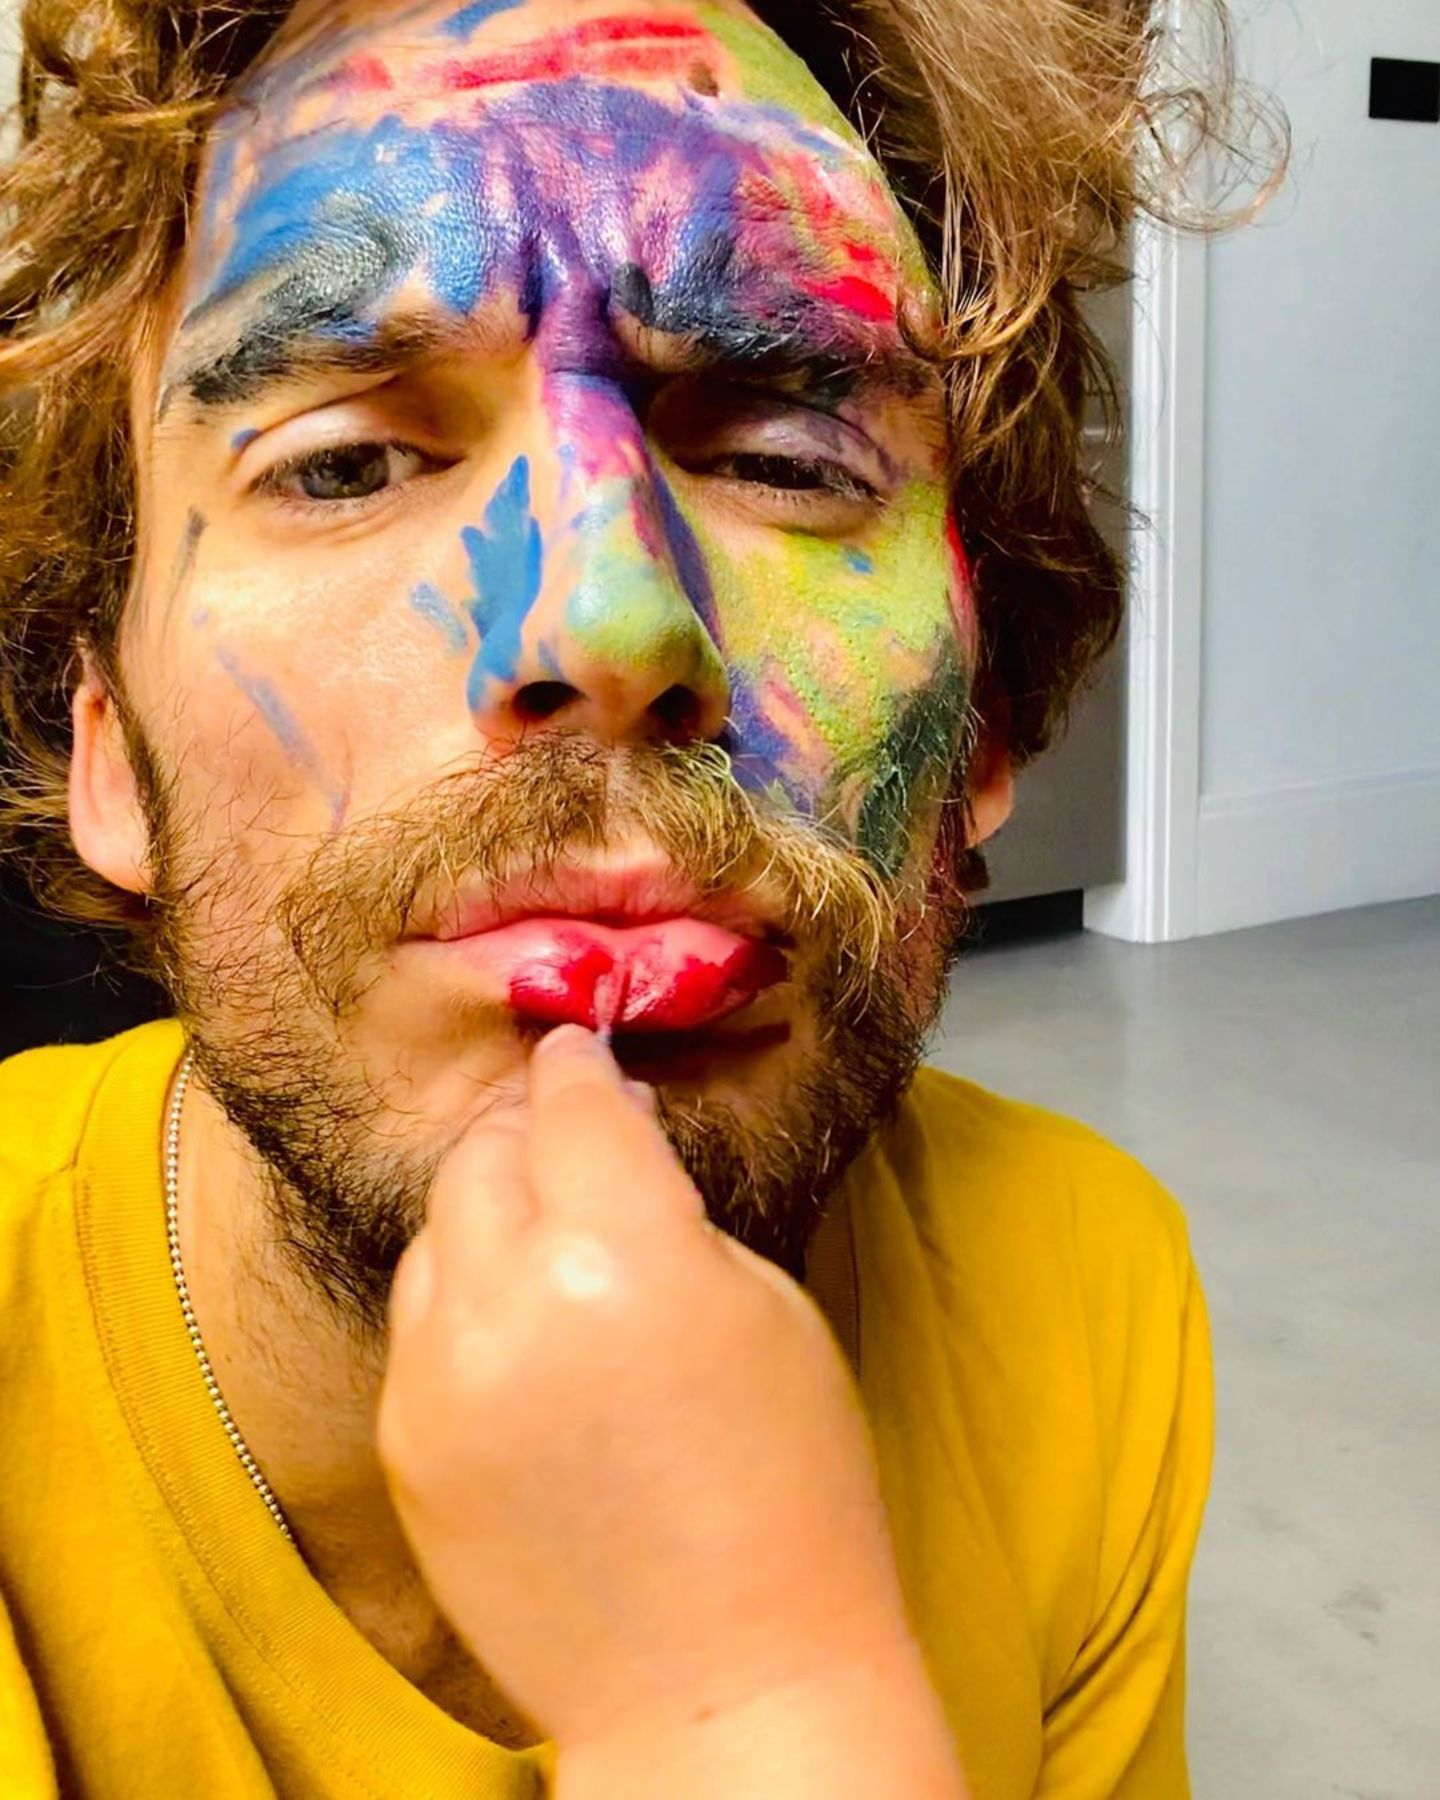 """5. September 2020  Auch Sam Claflin kann ab und an etwas Farbe im Gesicht gebrauchen. Dafür sorgten seine zwei """"Graffiti-Künstler"""" zuhause."""